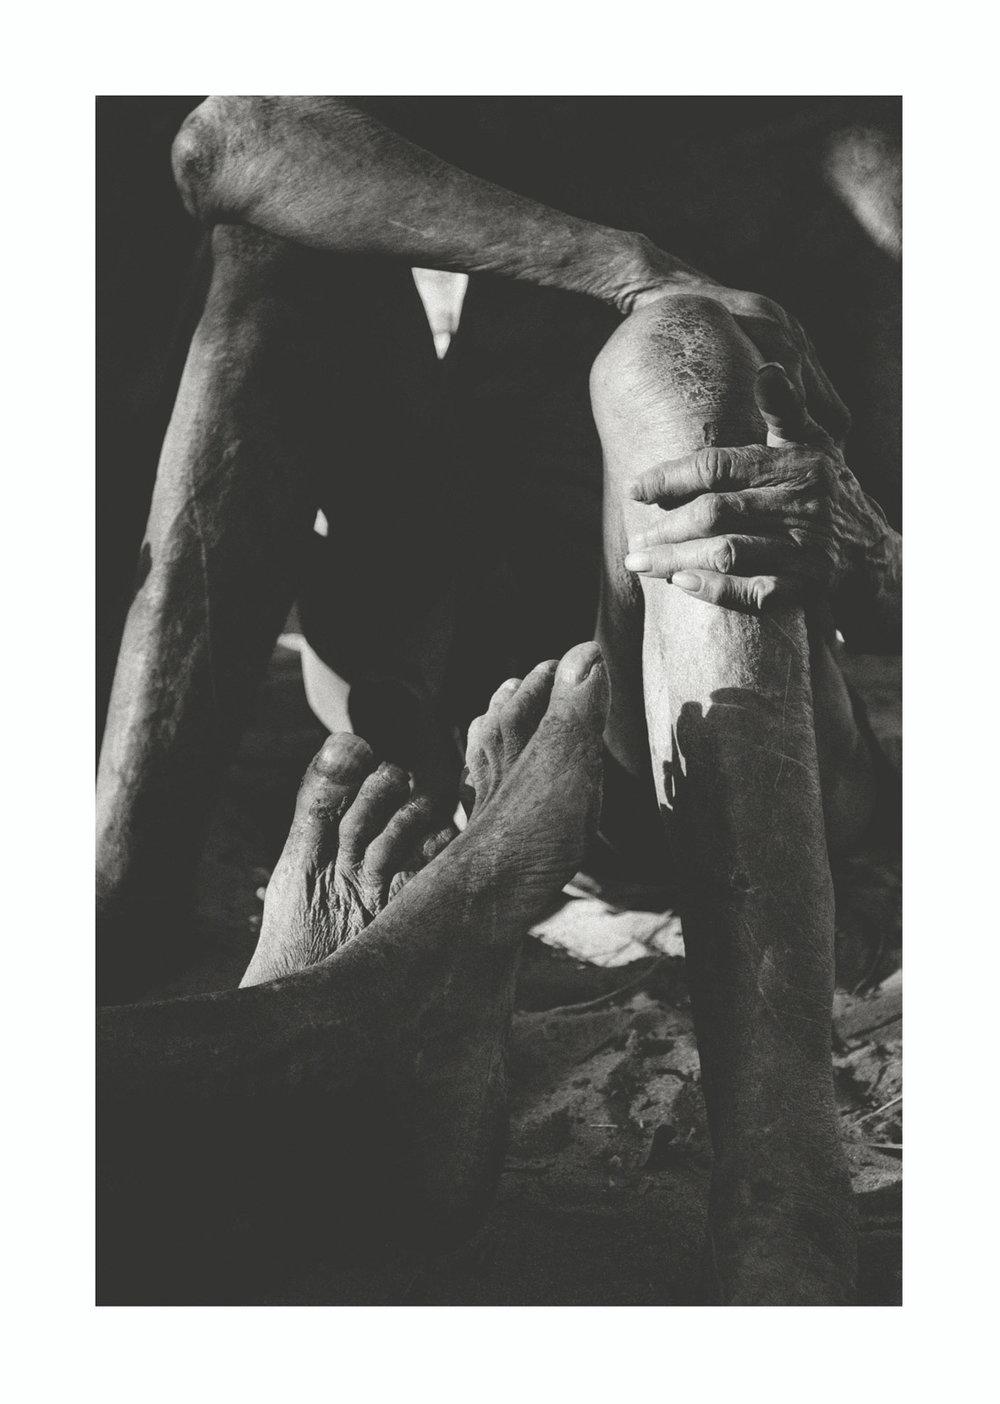 pies y manos.jpg